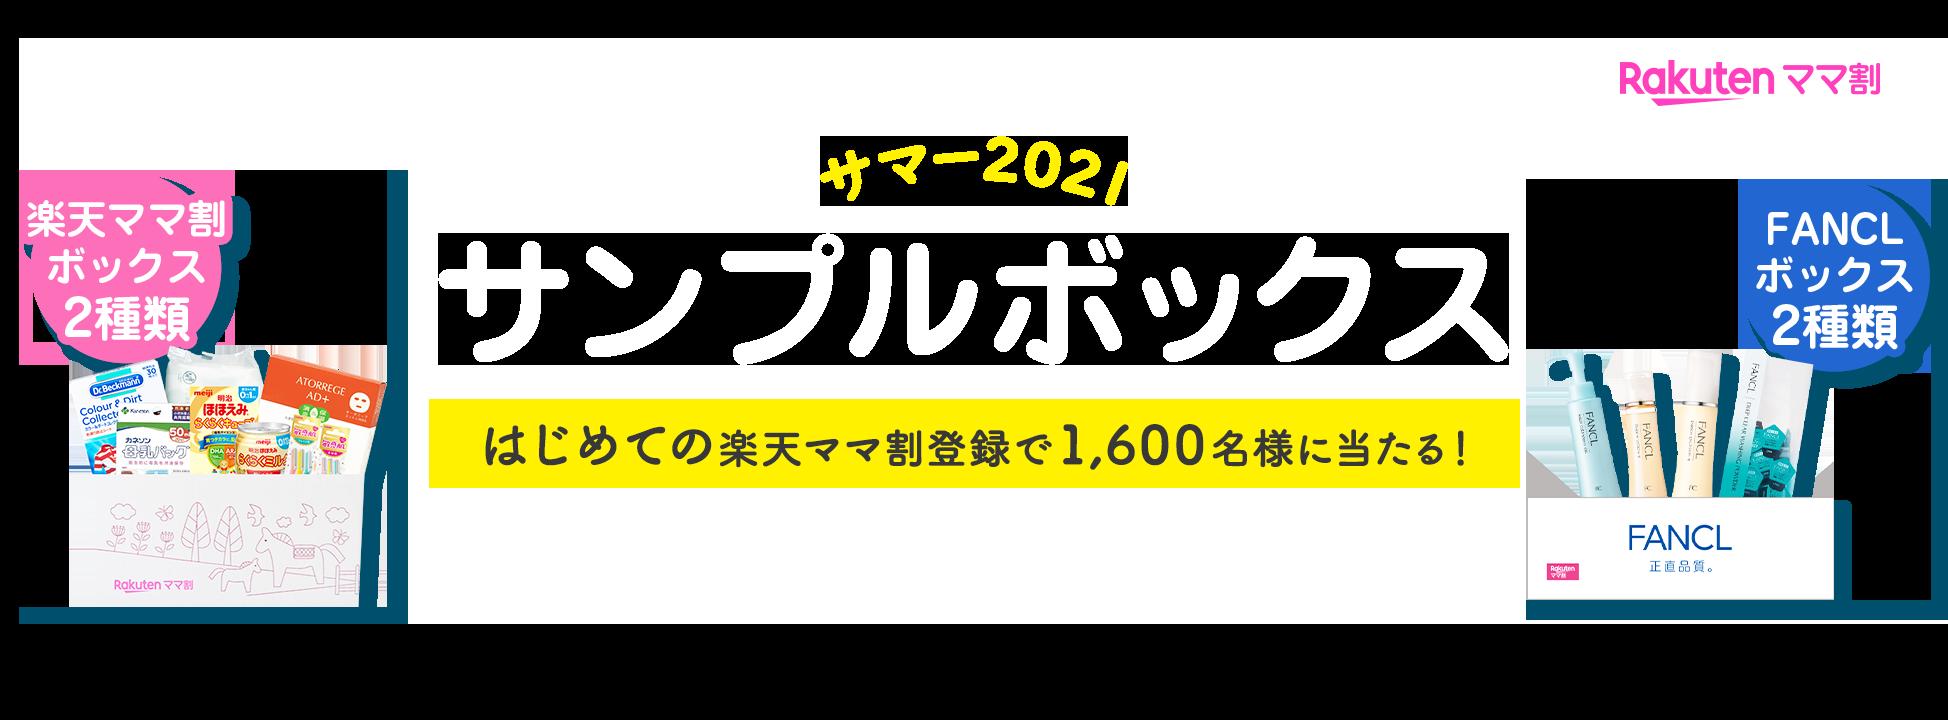 Rakutenママ割 サマー2021 サンプルボックス はじめての楽天ママ割登録で1,600名様に当たる!